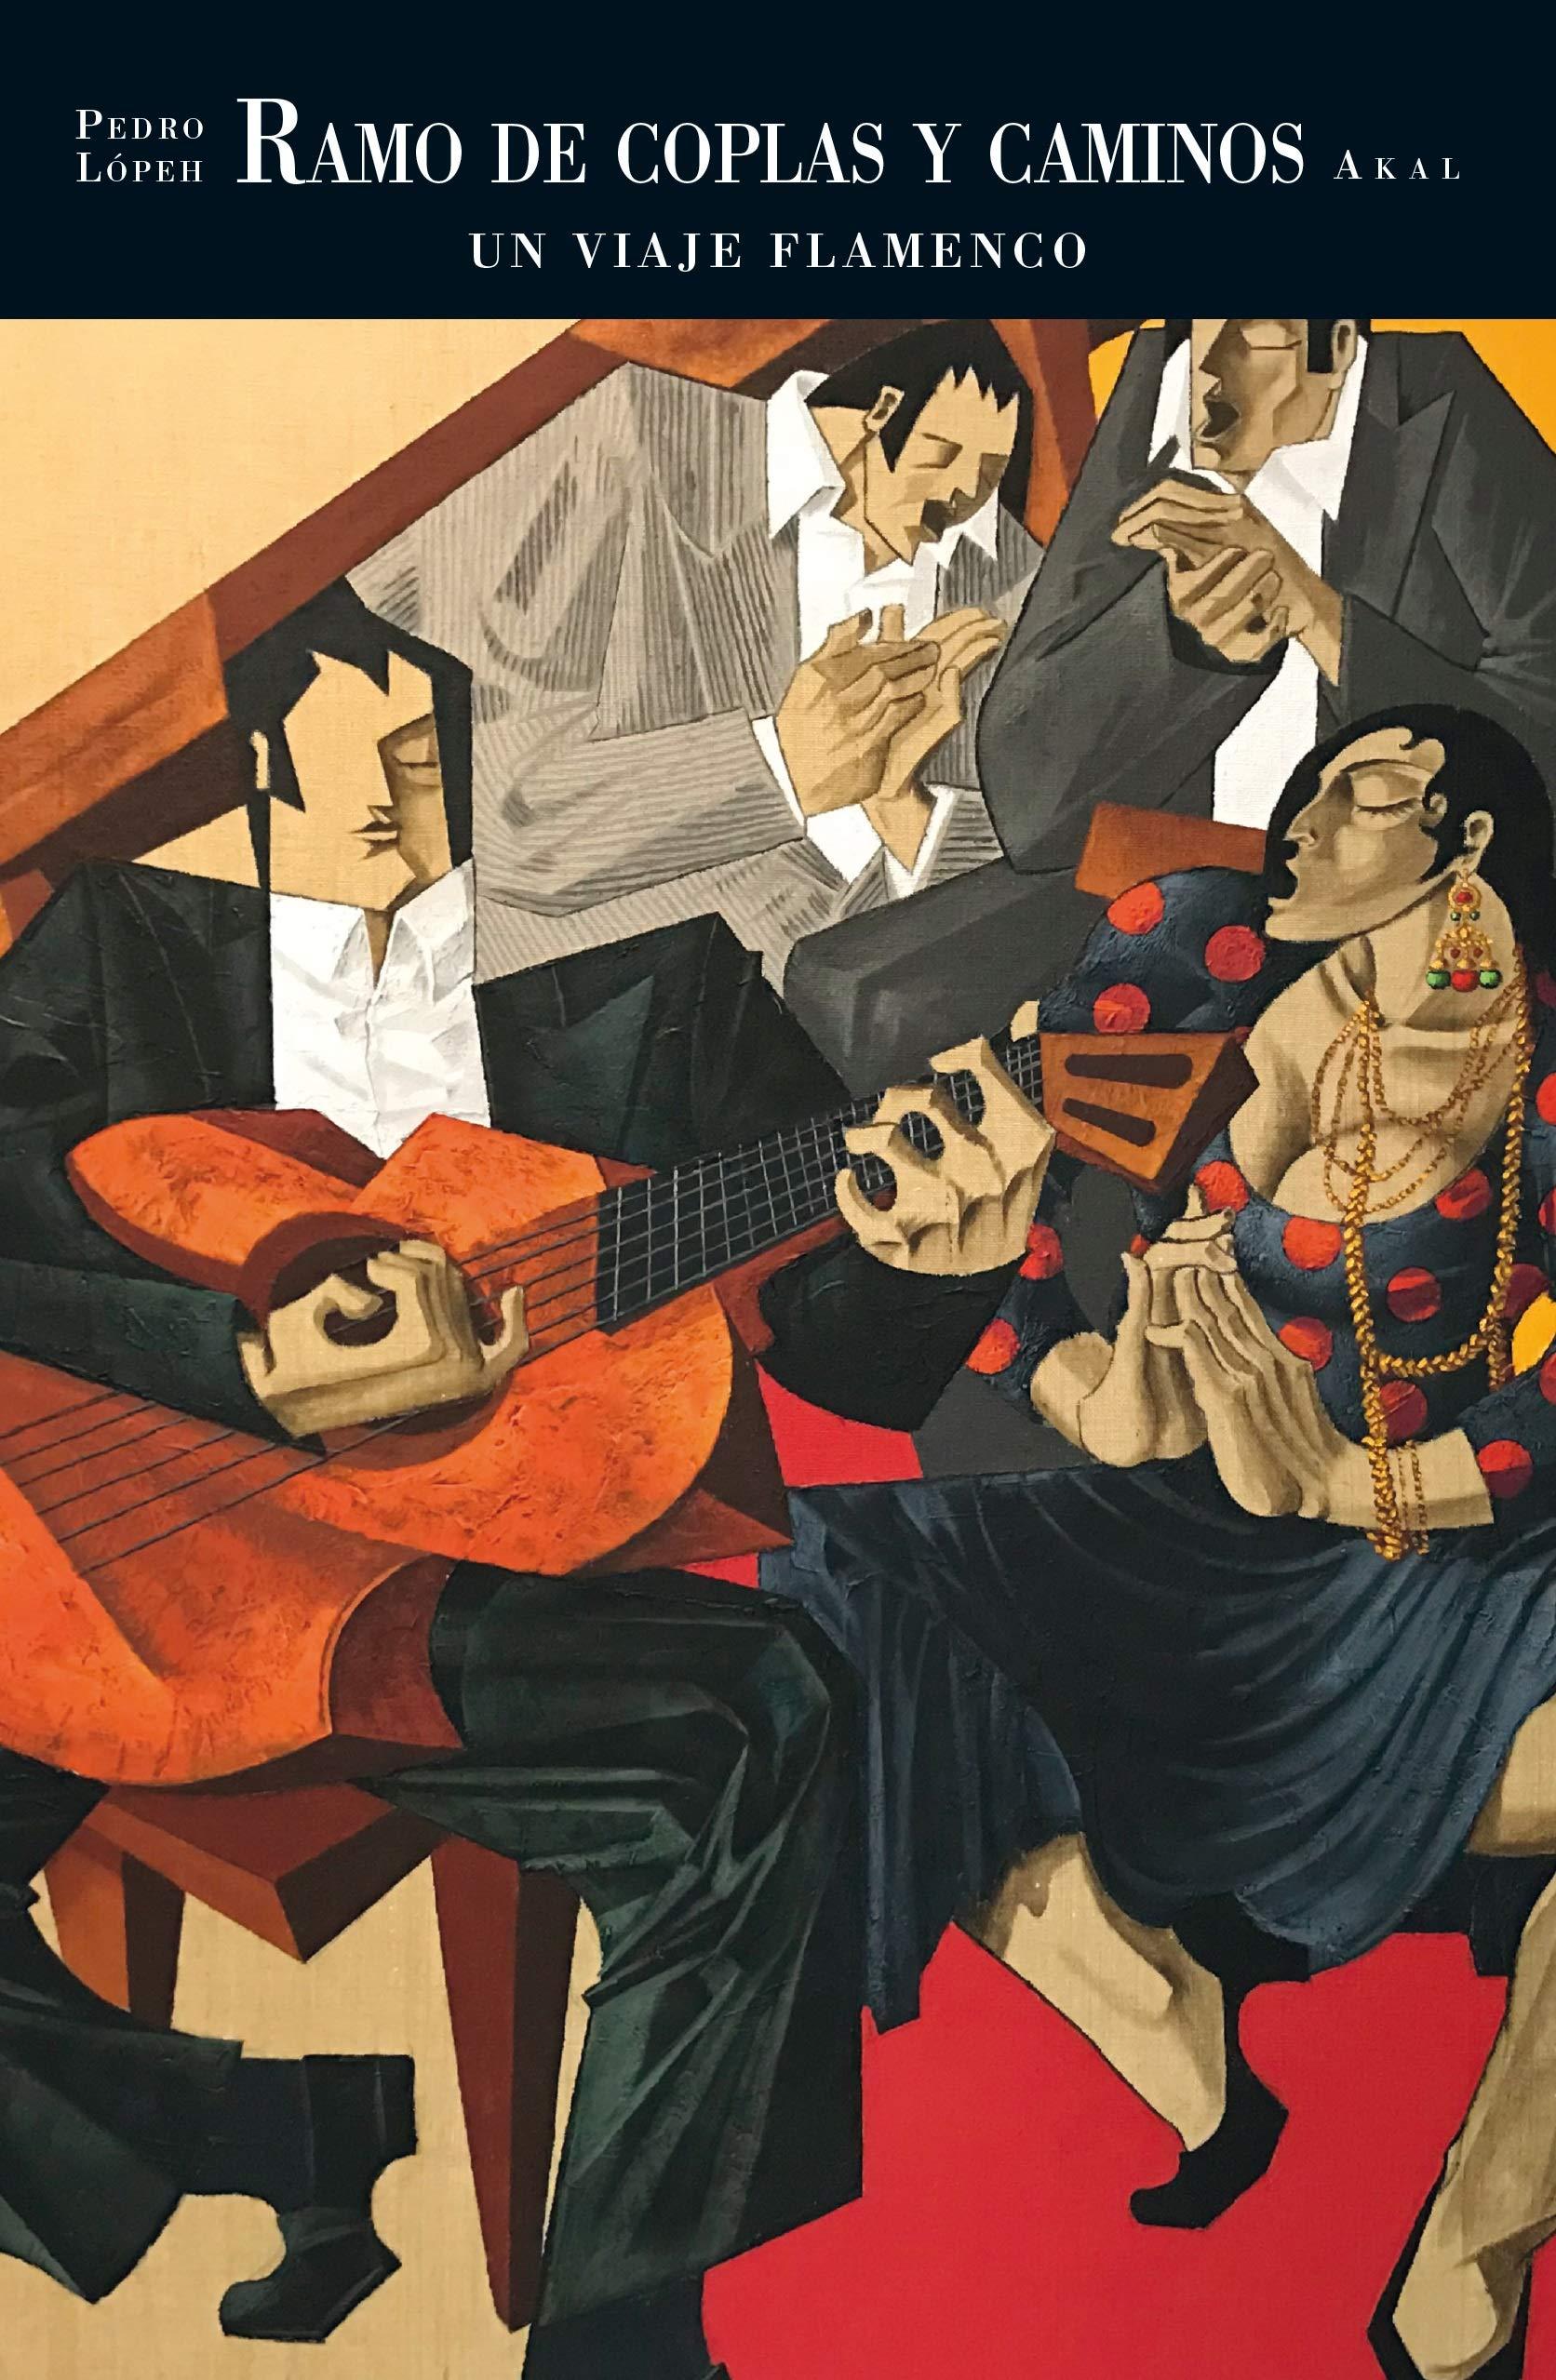 Ramo de coplas y caminos. Un viaje flamenco de Pedro Lópeh (Caprichos)